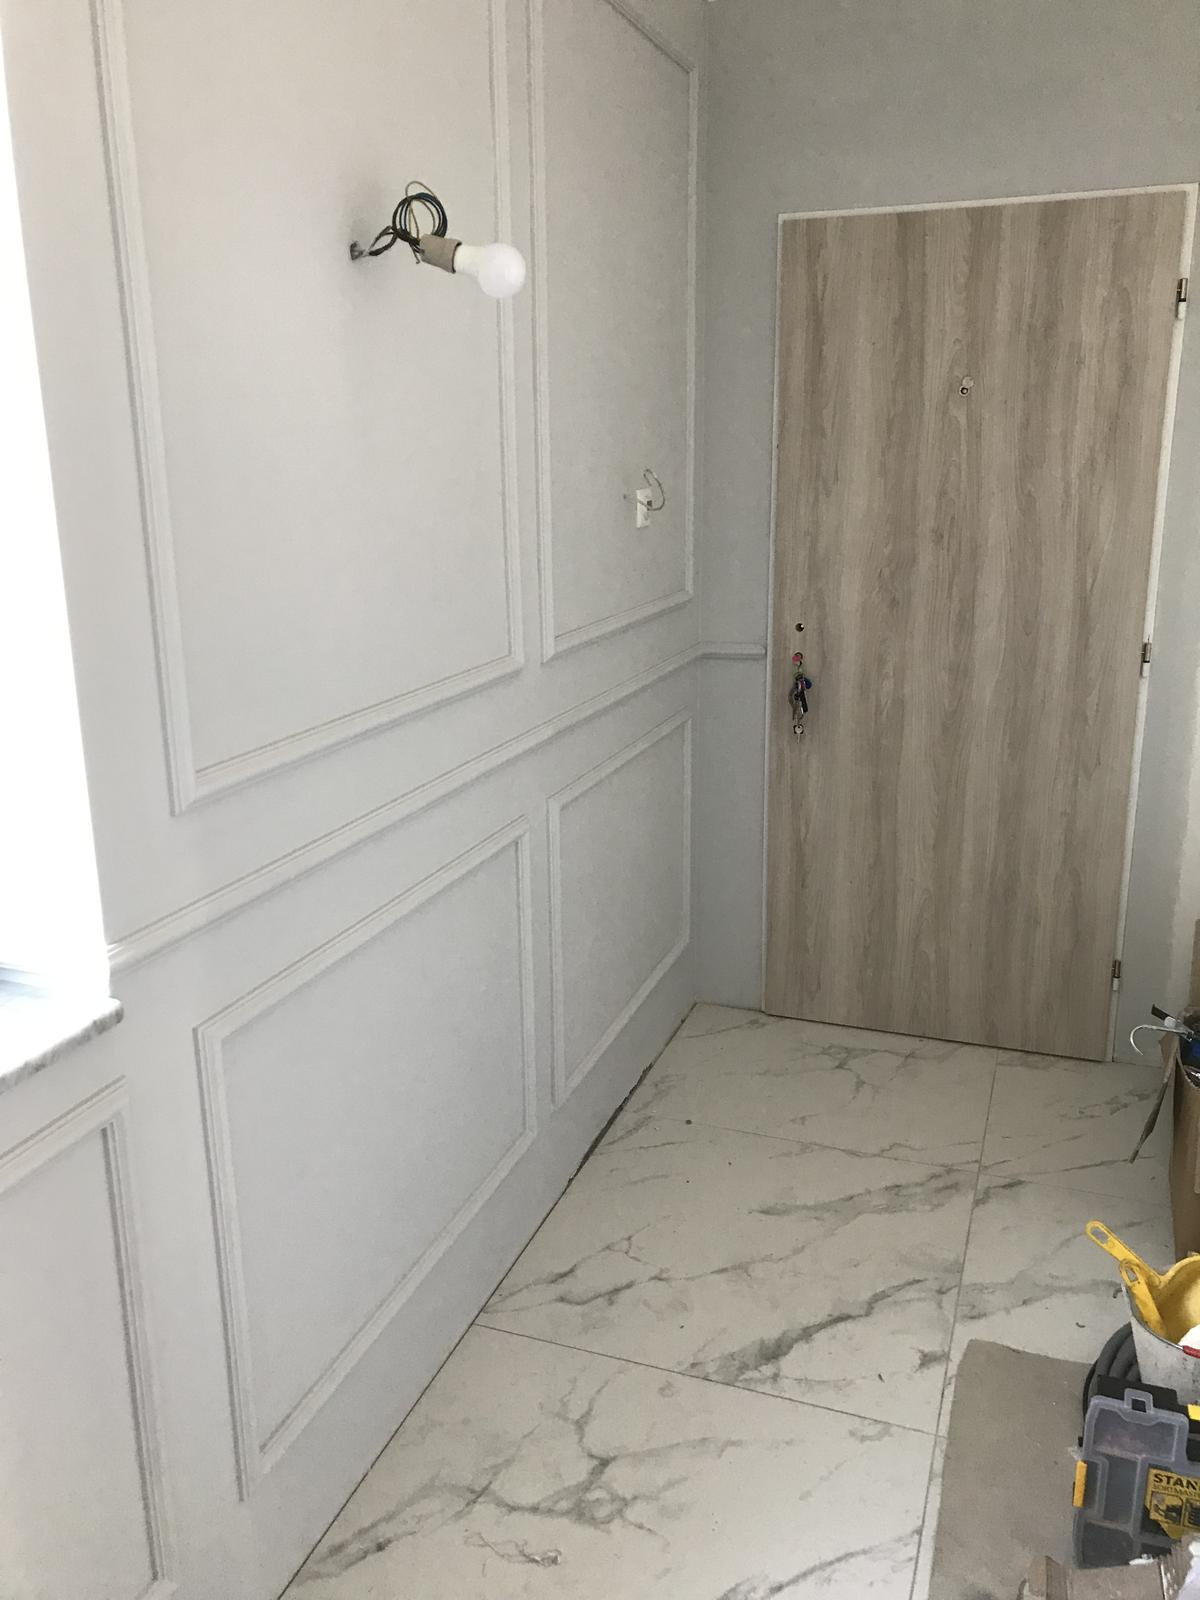 Heslo: Extravagancia & Luxus ❤️ - V prvom okne pri dverách je schovaná krabica s vodou!!! Do detailu! Nemôžeme si dovoliť aby tam strašili také elementy🤦♀️😂 PS: dvere sú dočasné kým nám neprídu zamontovať viedenské!